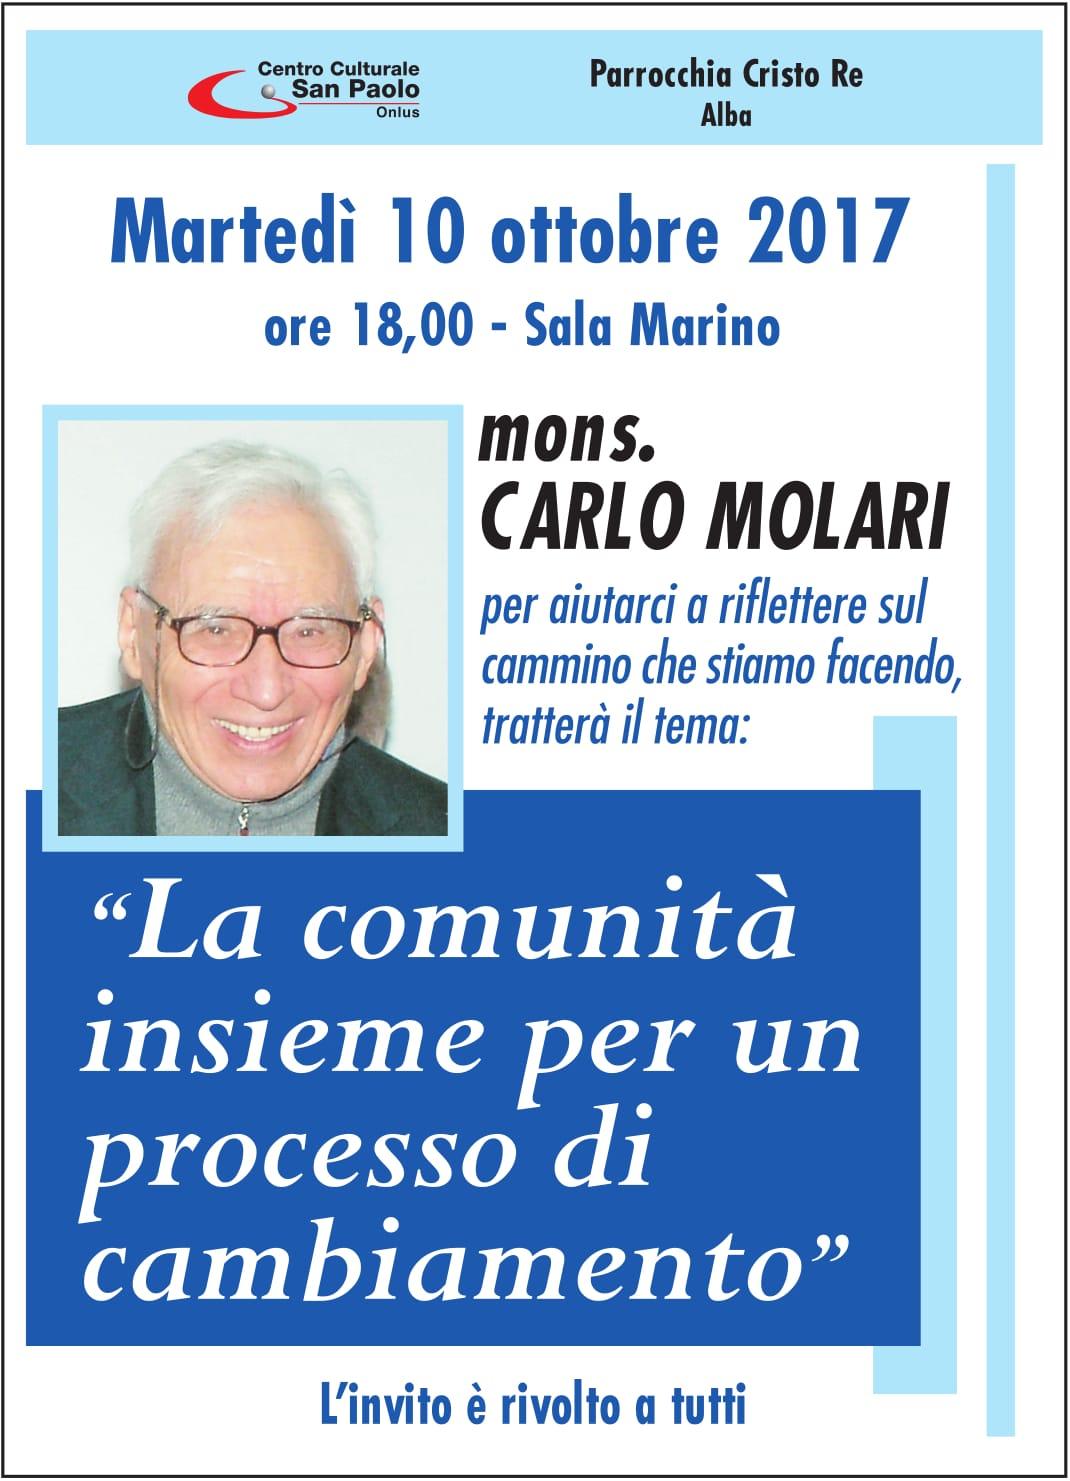 Cristo Re_Molari 10ottobre-1